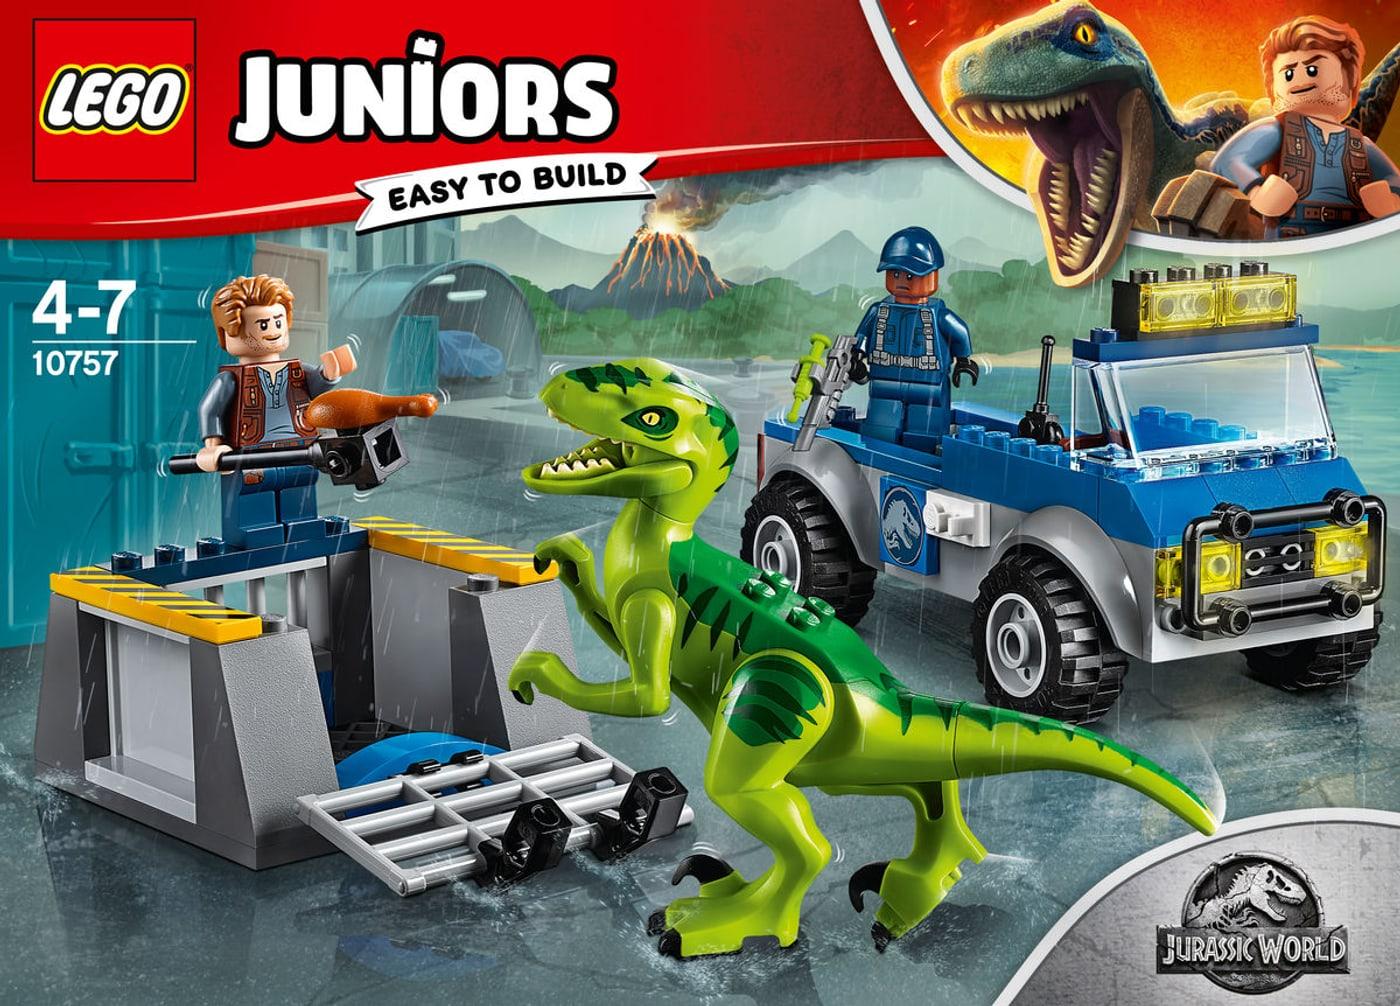 JUNIORS JURASSIC WORLD 10757 LEGO LE CAMION DE SECOURS DES RAPTORS